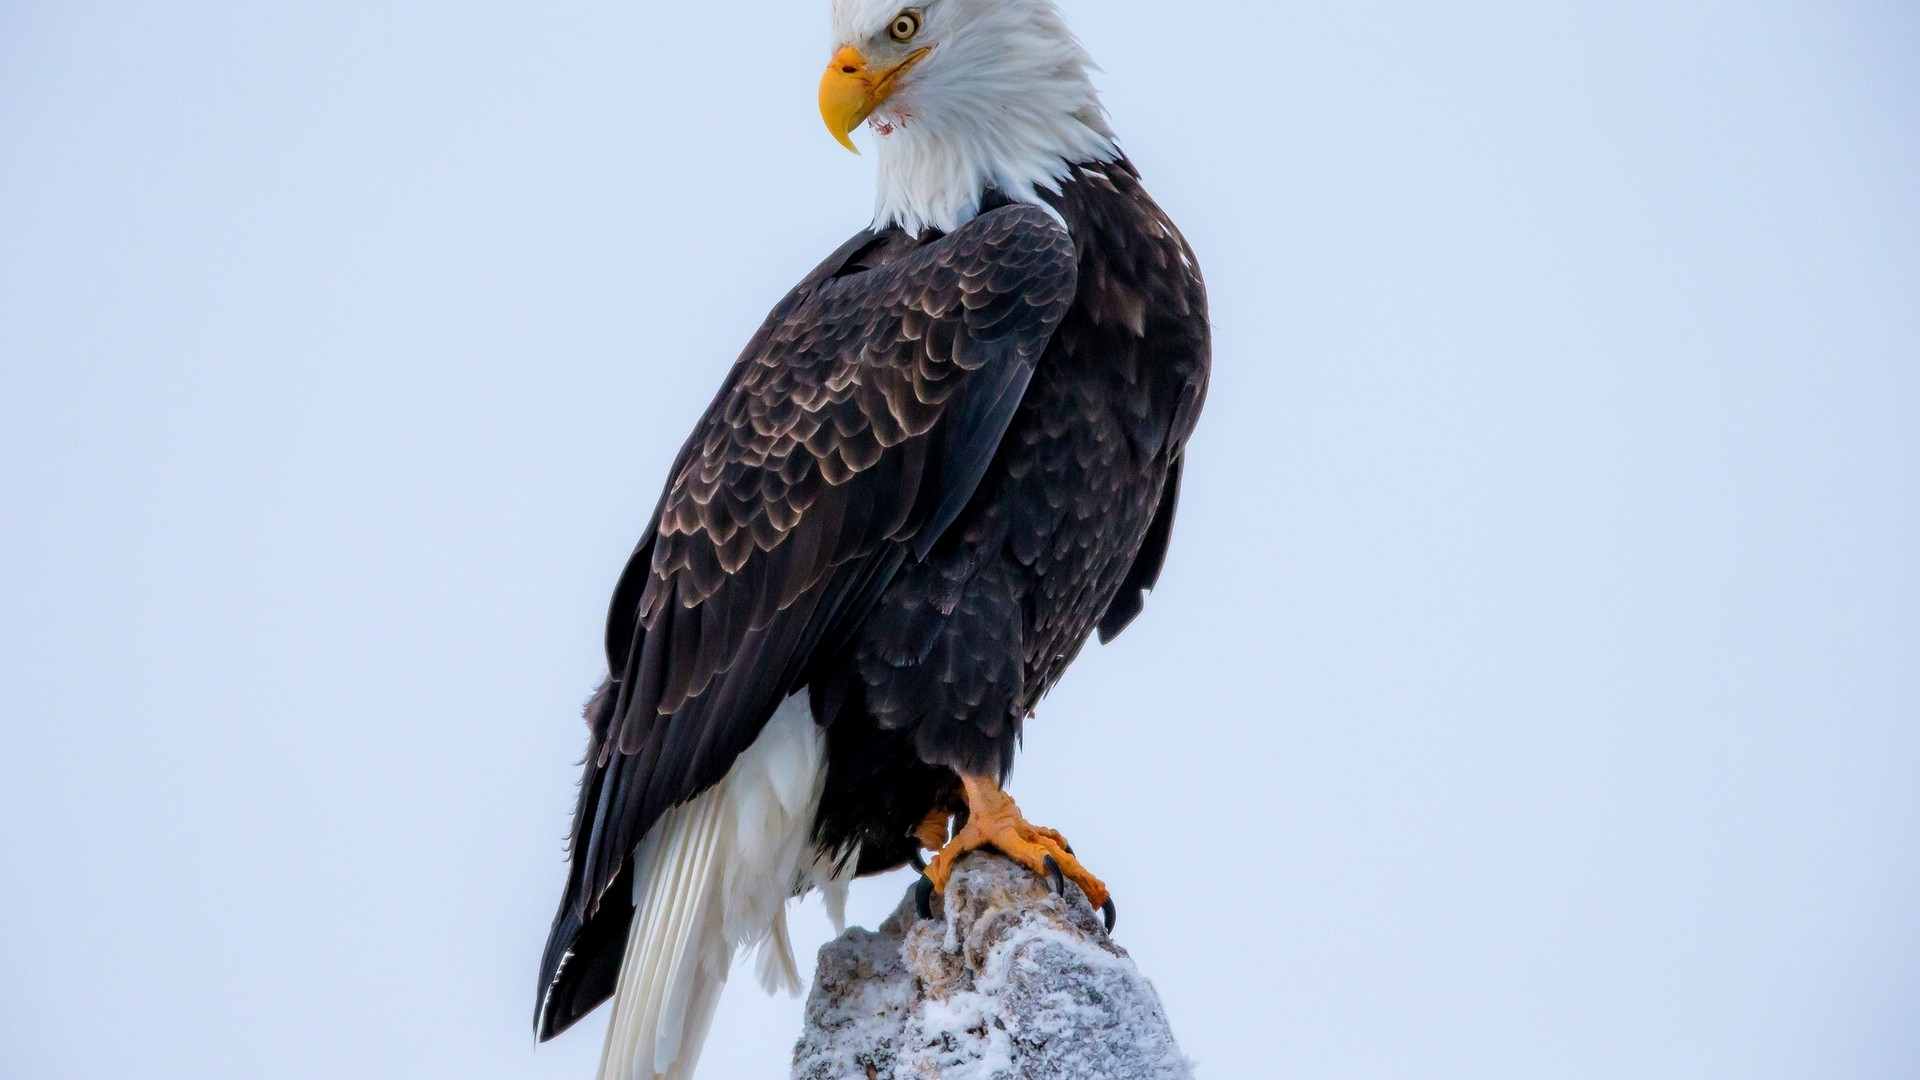 Wallpaper Rock eagle American Bald Eagle 1920x1080